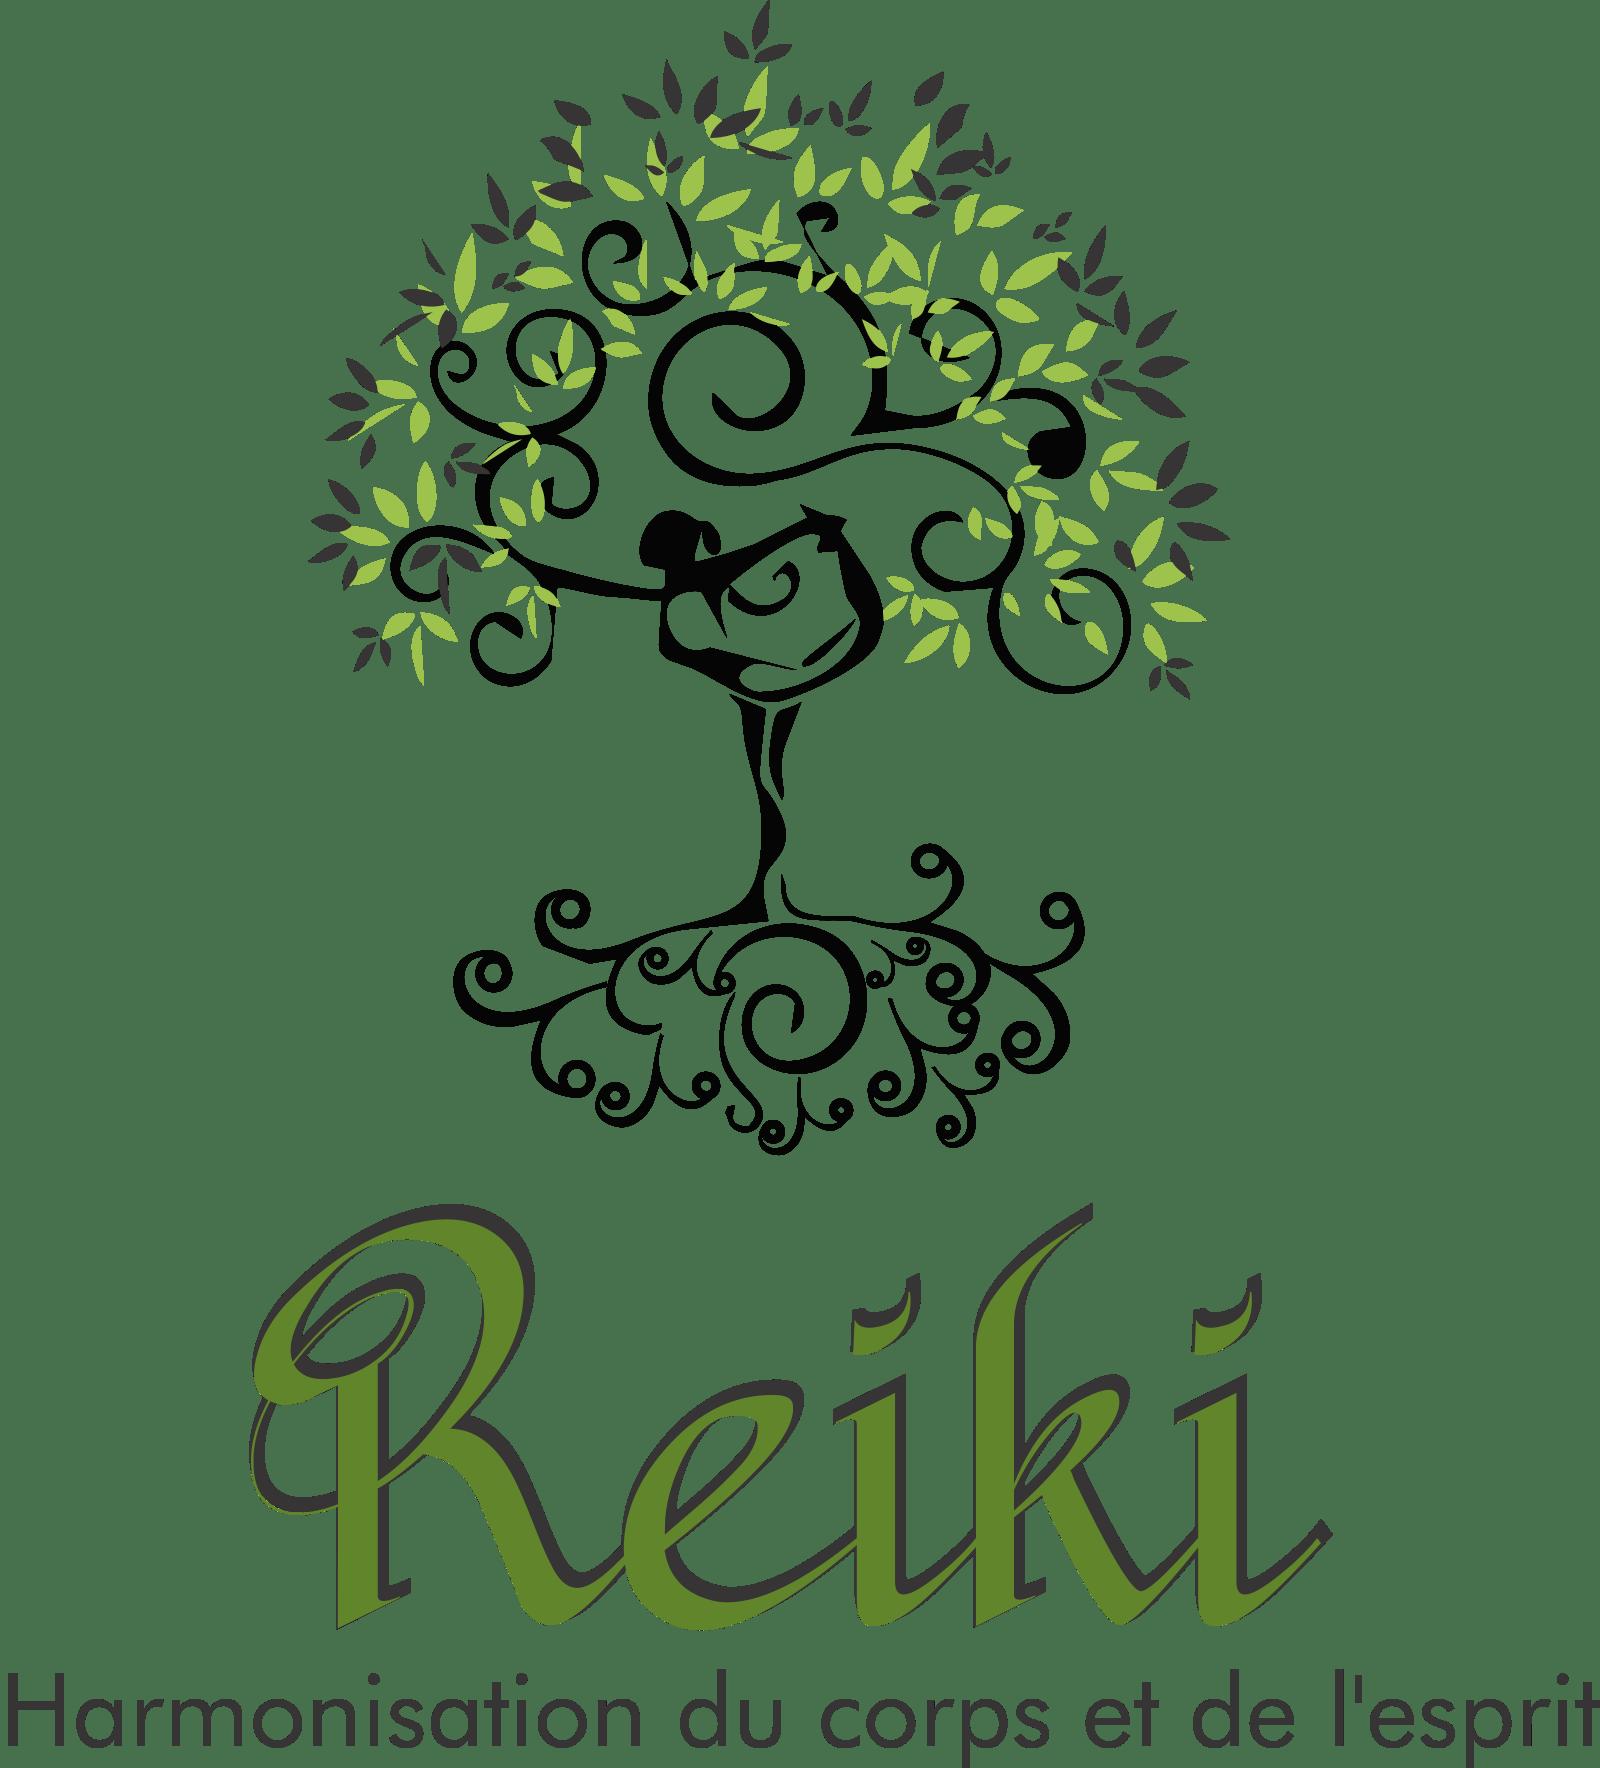 Apprenez à lâcher prise grâce au Reiki - Sophie Morceau - Praticienne Reiki à La Rochelle